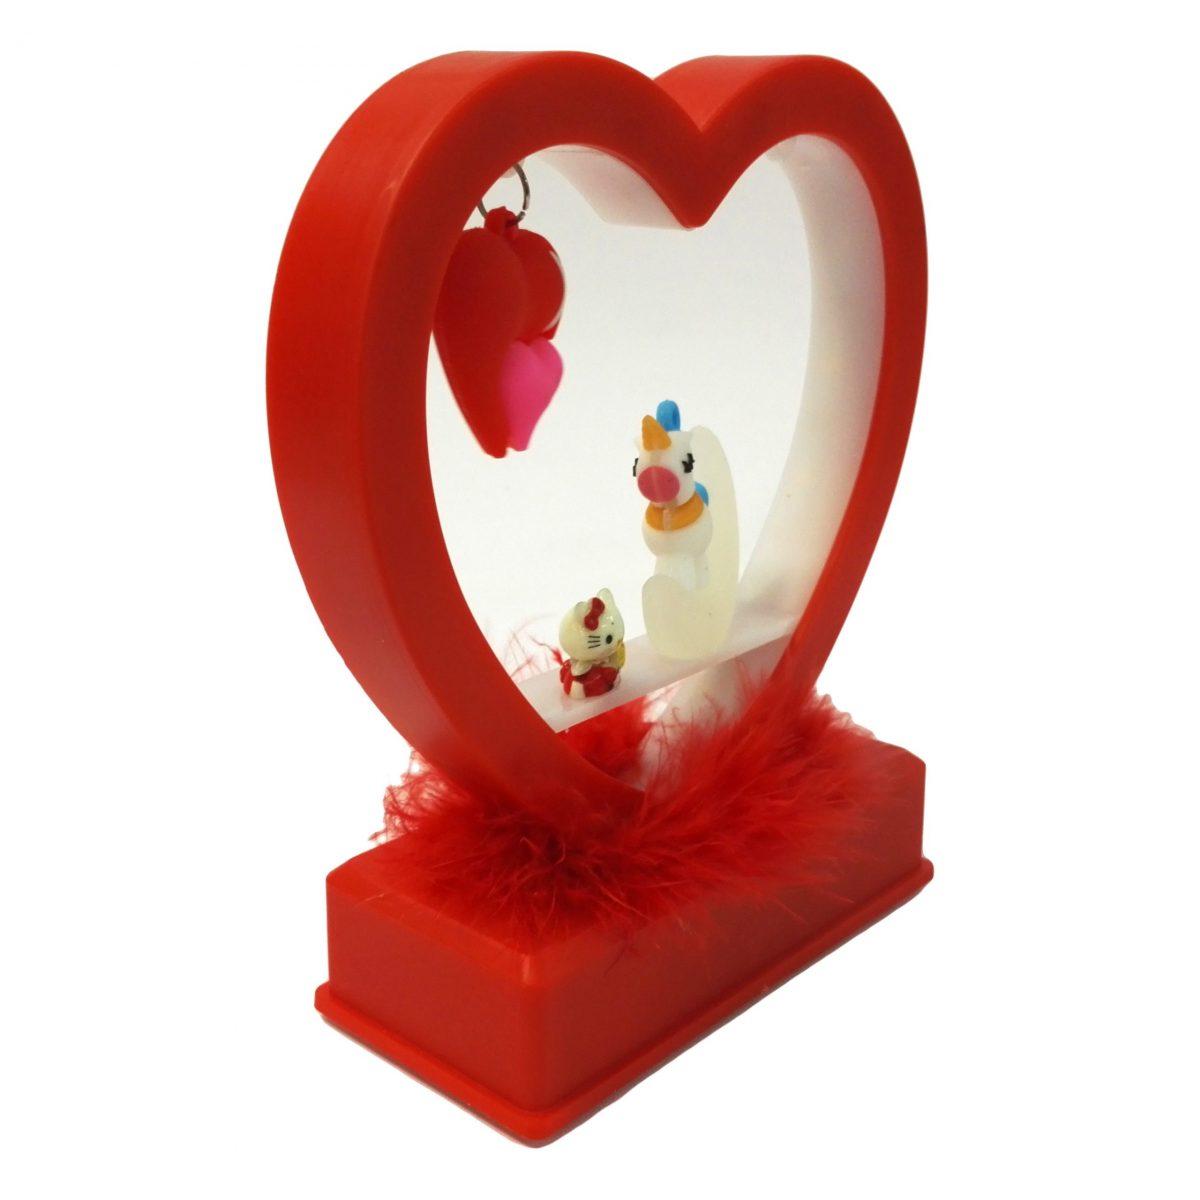 هدیه ولنتاین جعبه طرح قلب موزیکال (قلب موزیکال ولنتاین)